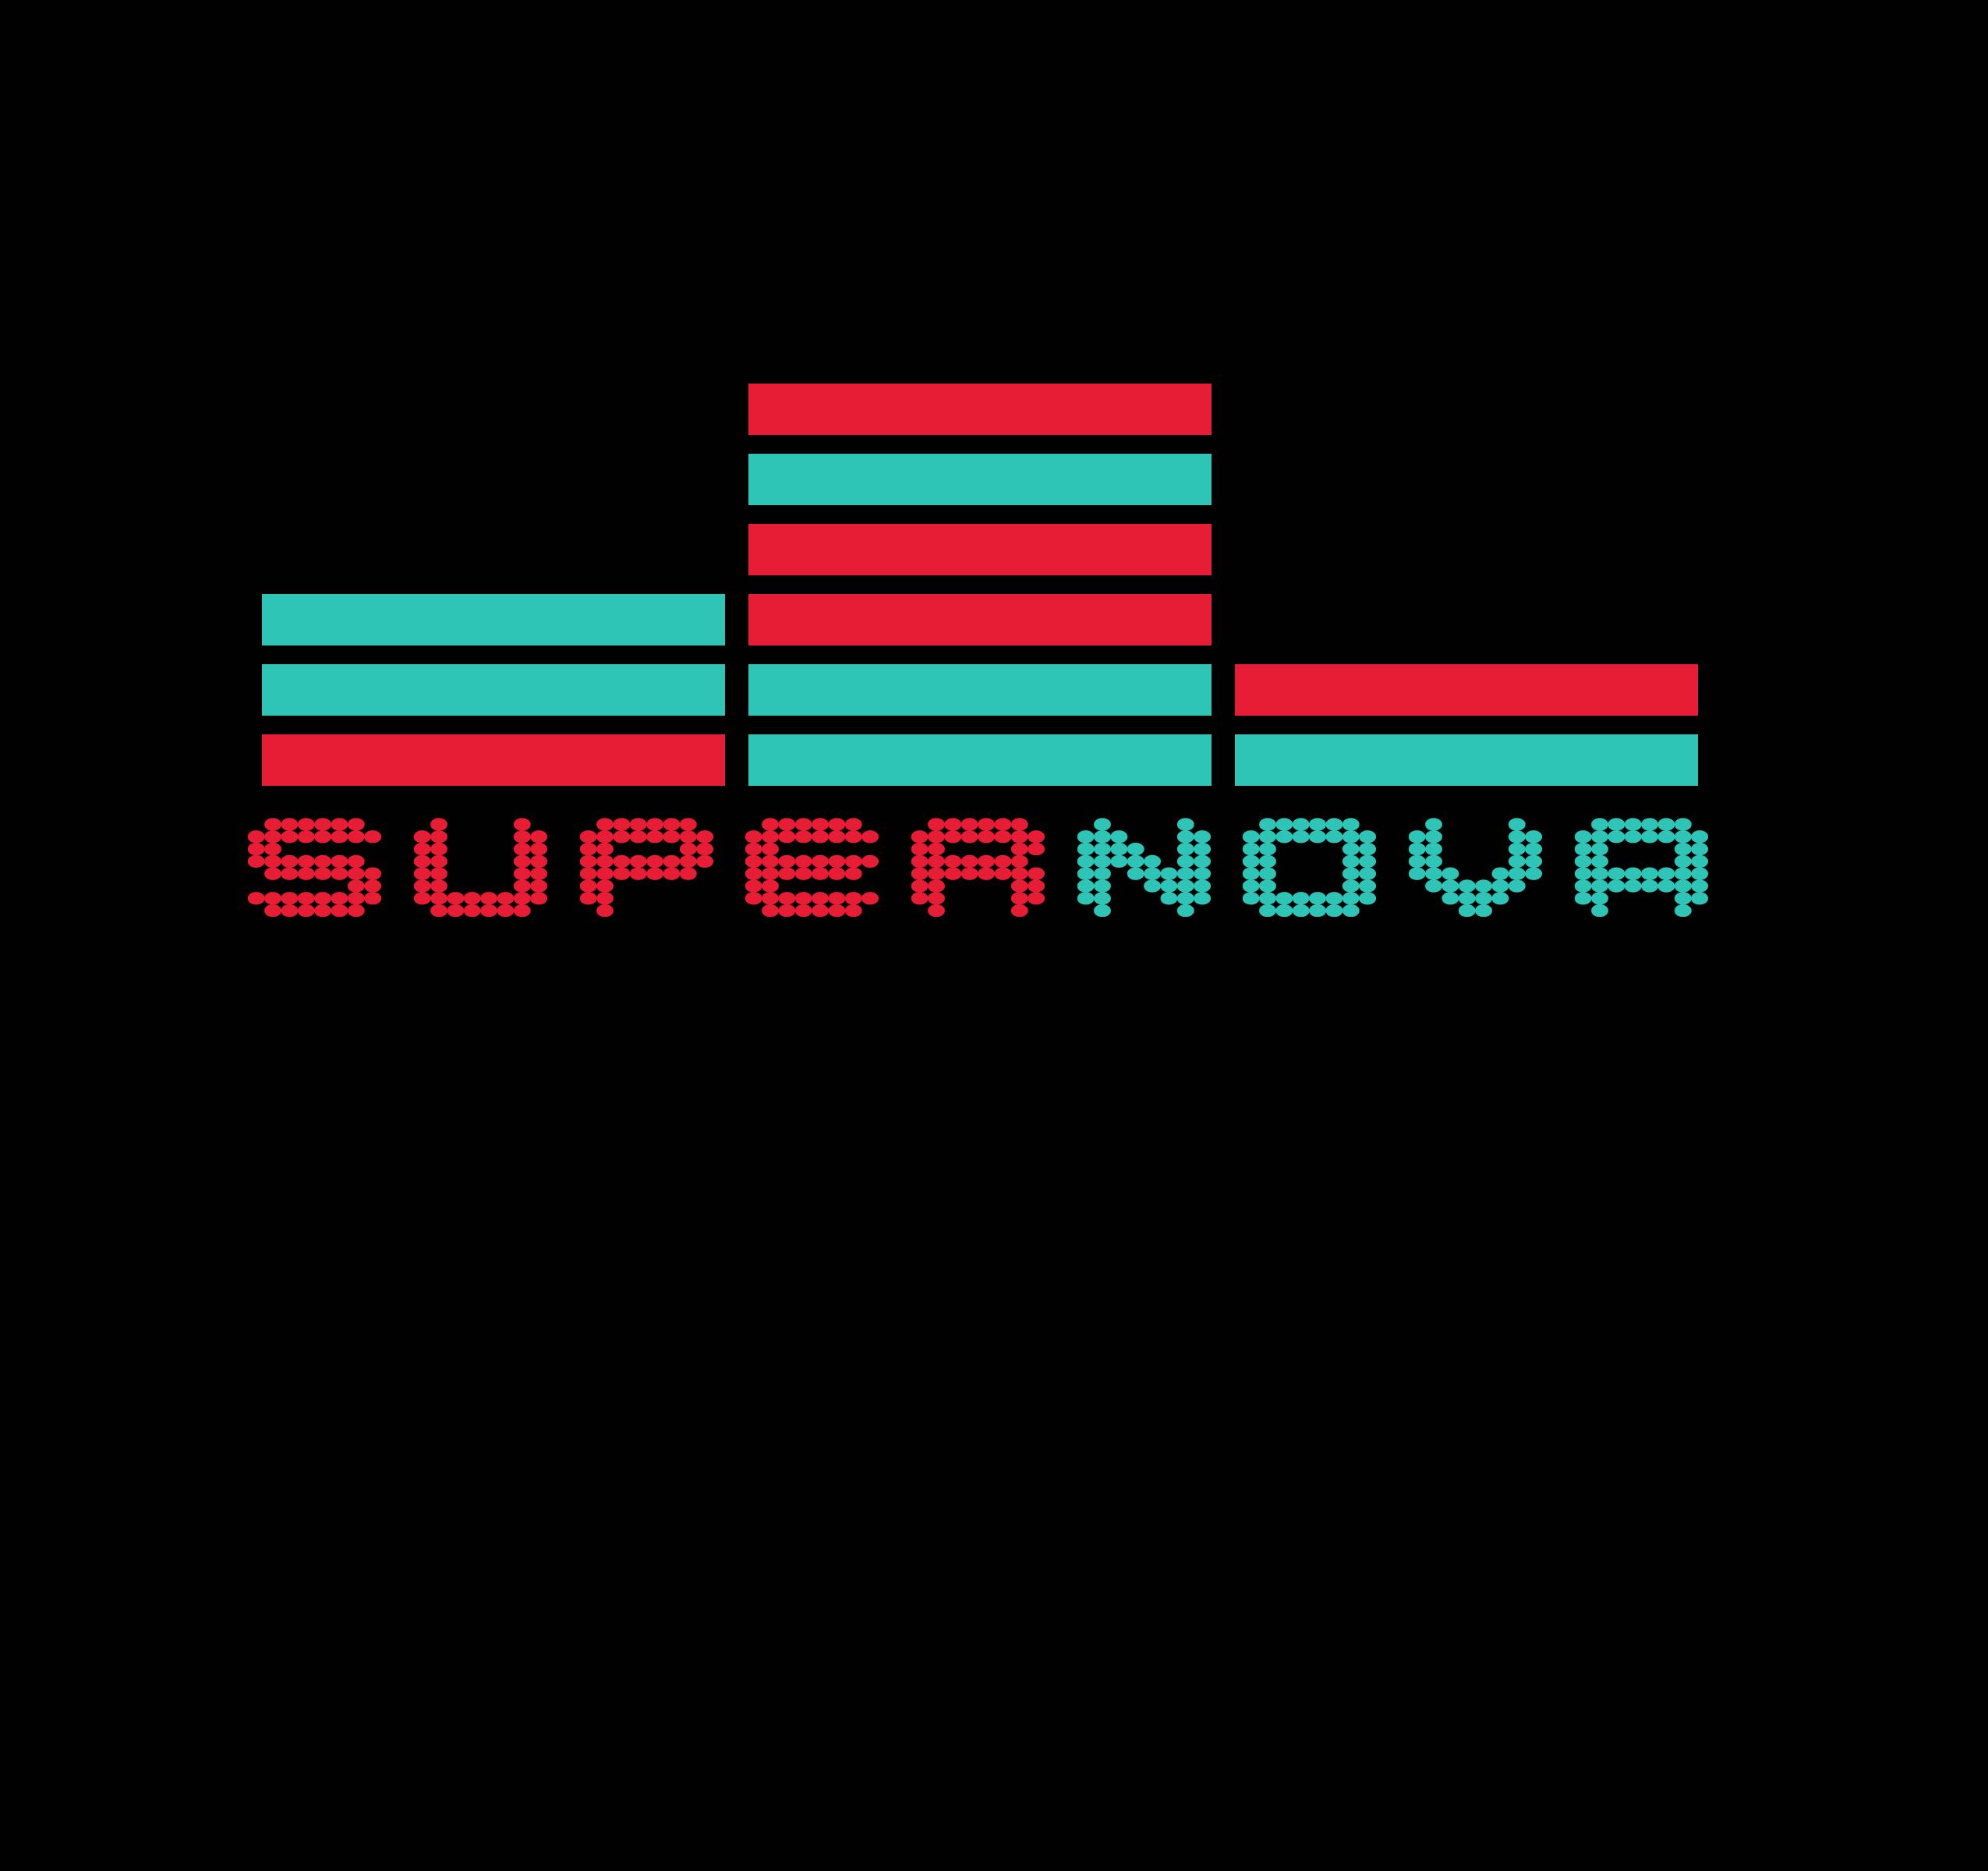 Logo Design by Alyssa Mae Marcial - Entry No. 21 in the Logo Design Contest Creative Logo Design for Supernova.